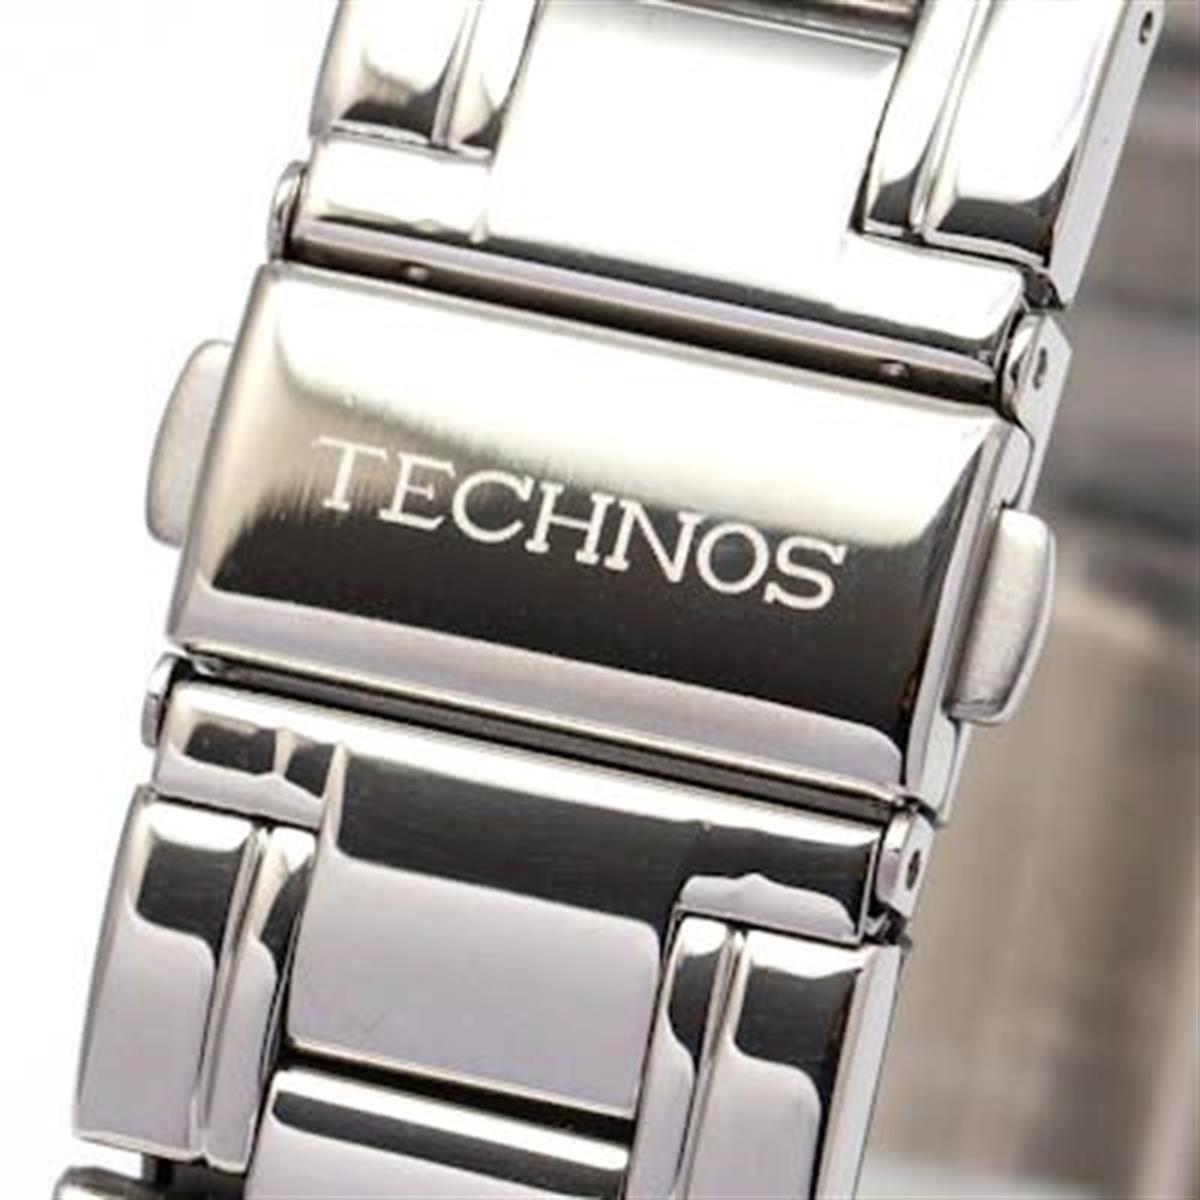 Relógio Feminino Technos Elegance St. Moritz 6P29DI 3K com Cristais R   390,00 à vista. Adicionar à sacola ed39b82313